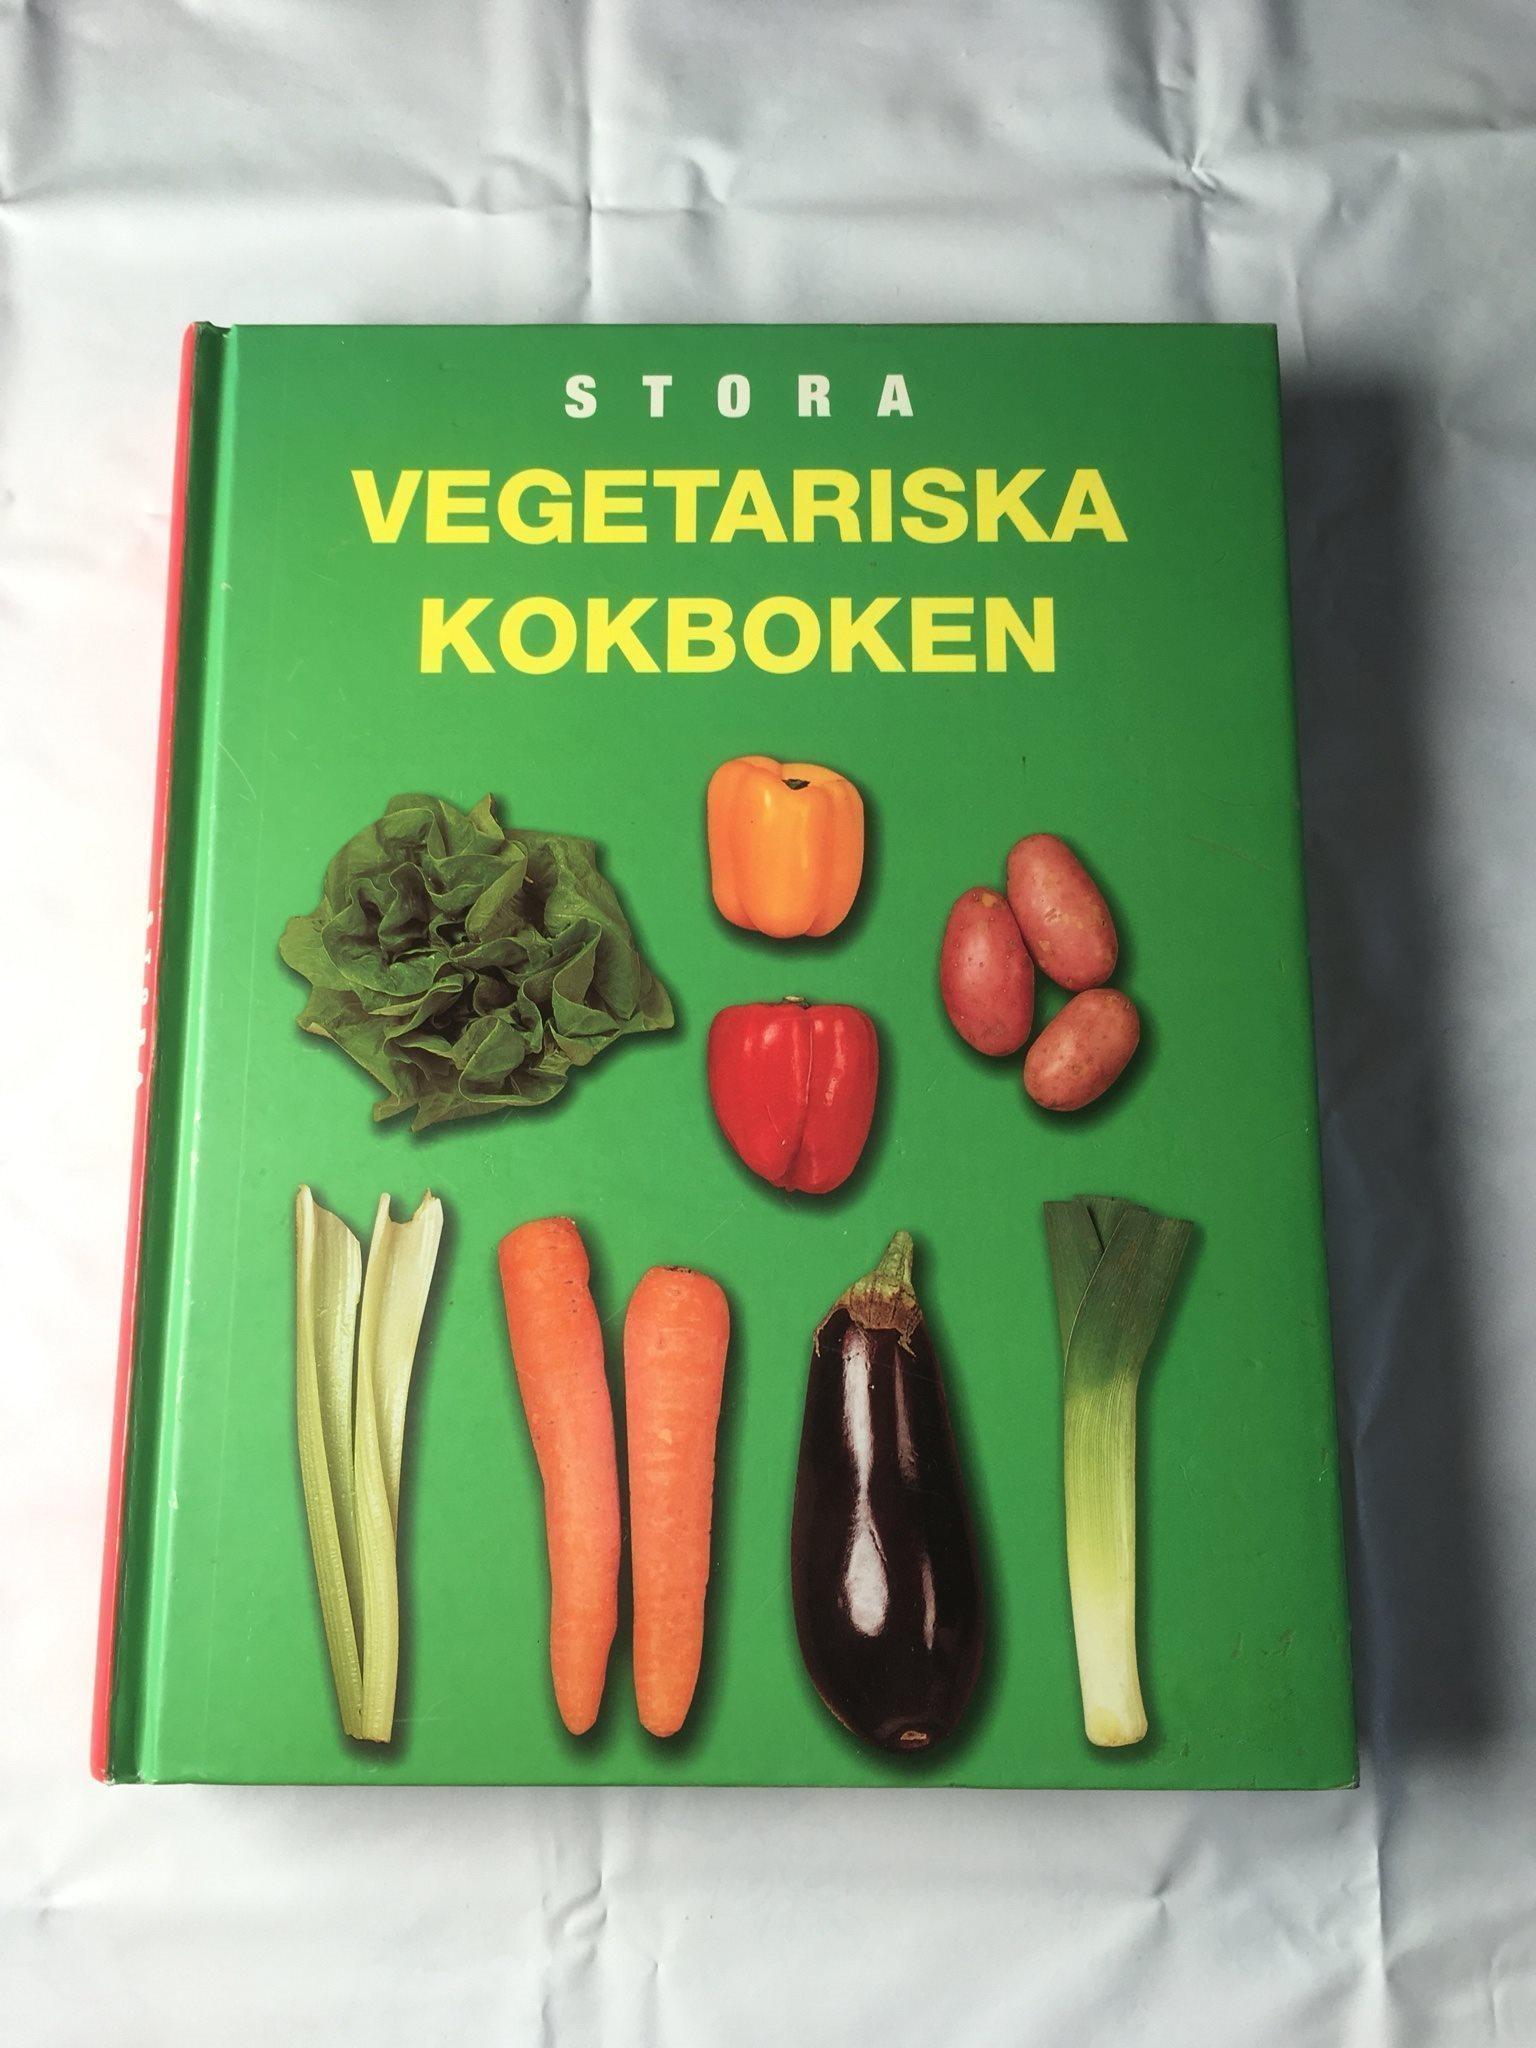 stora vegetariska kokboken